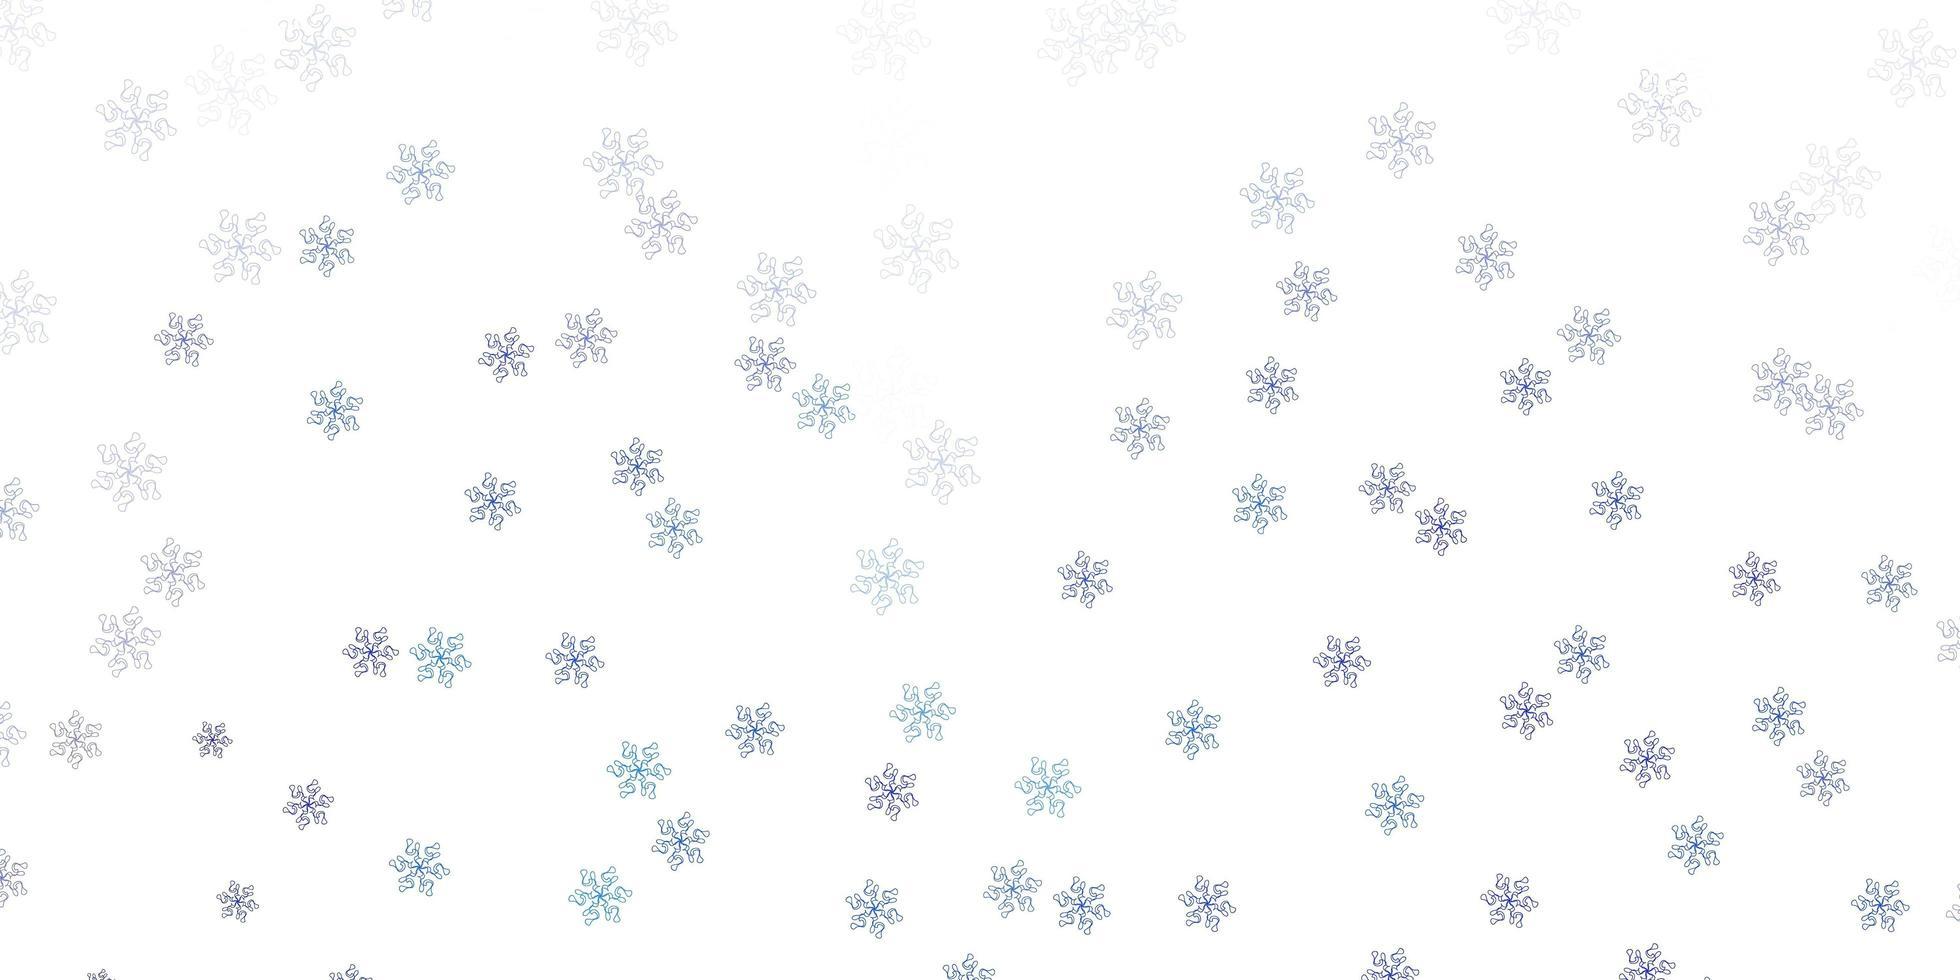 fond de doodle vecteur bleu clair avec des fleurs.